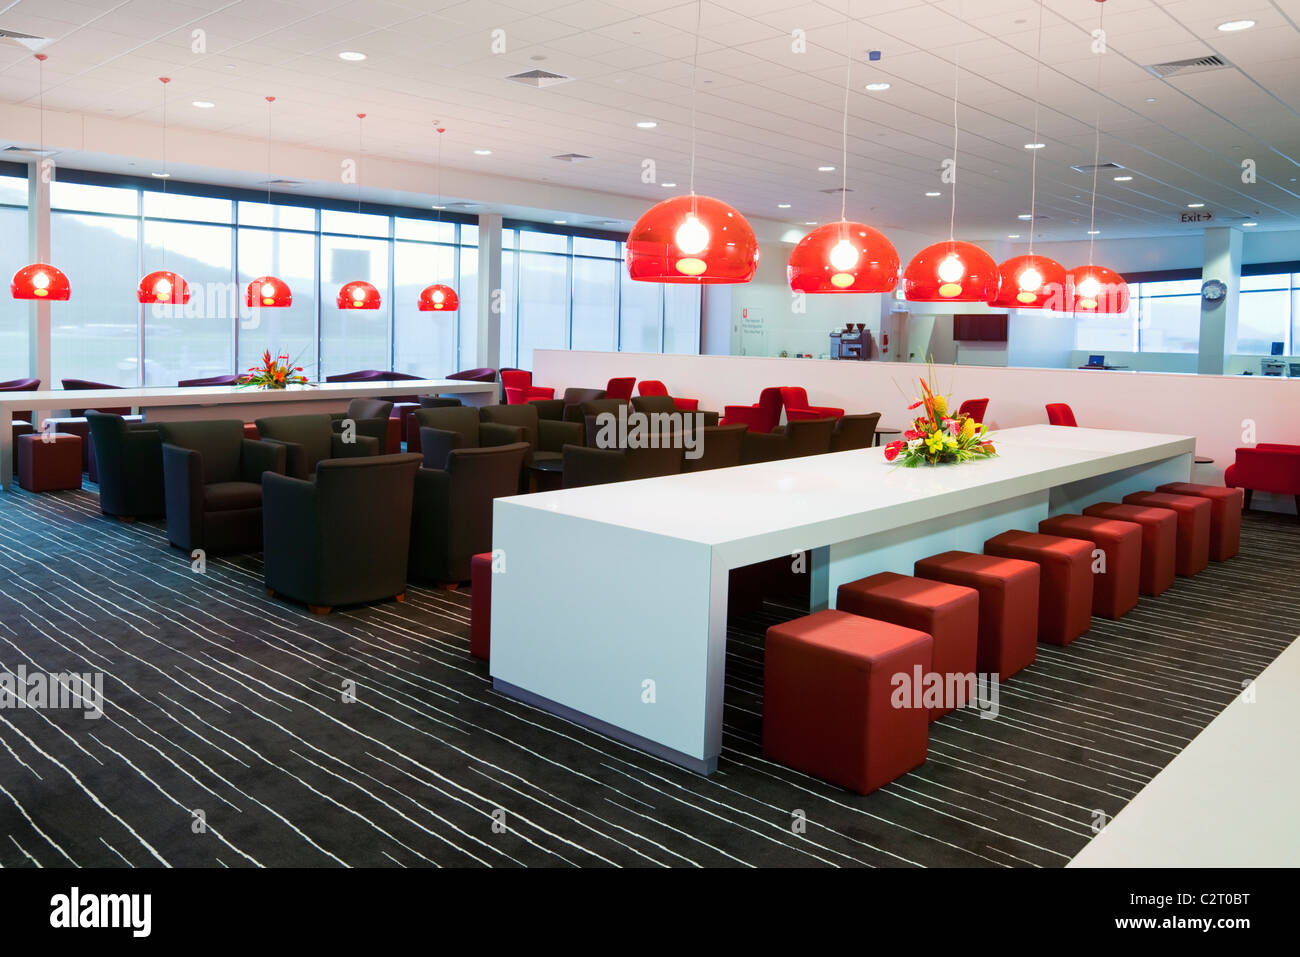 Qantas Club Lounge à l'aéroport domestique de Cairns. Cairns, Queensland, Australie Photo Stock